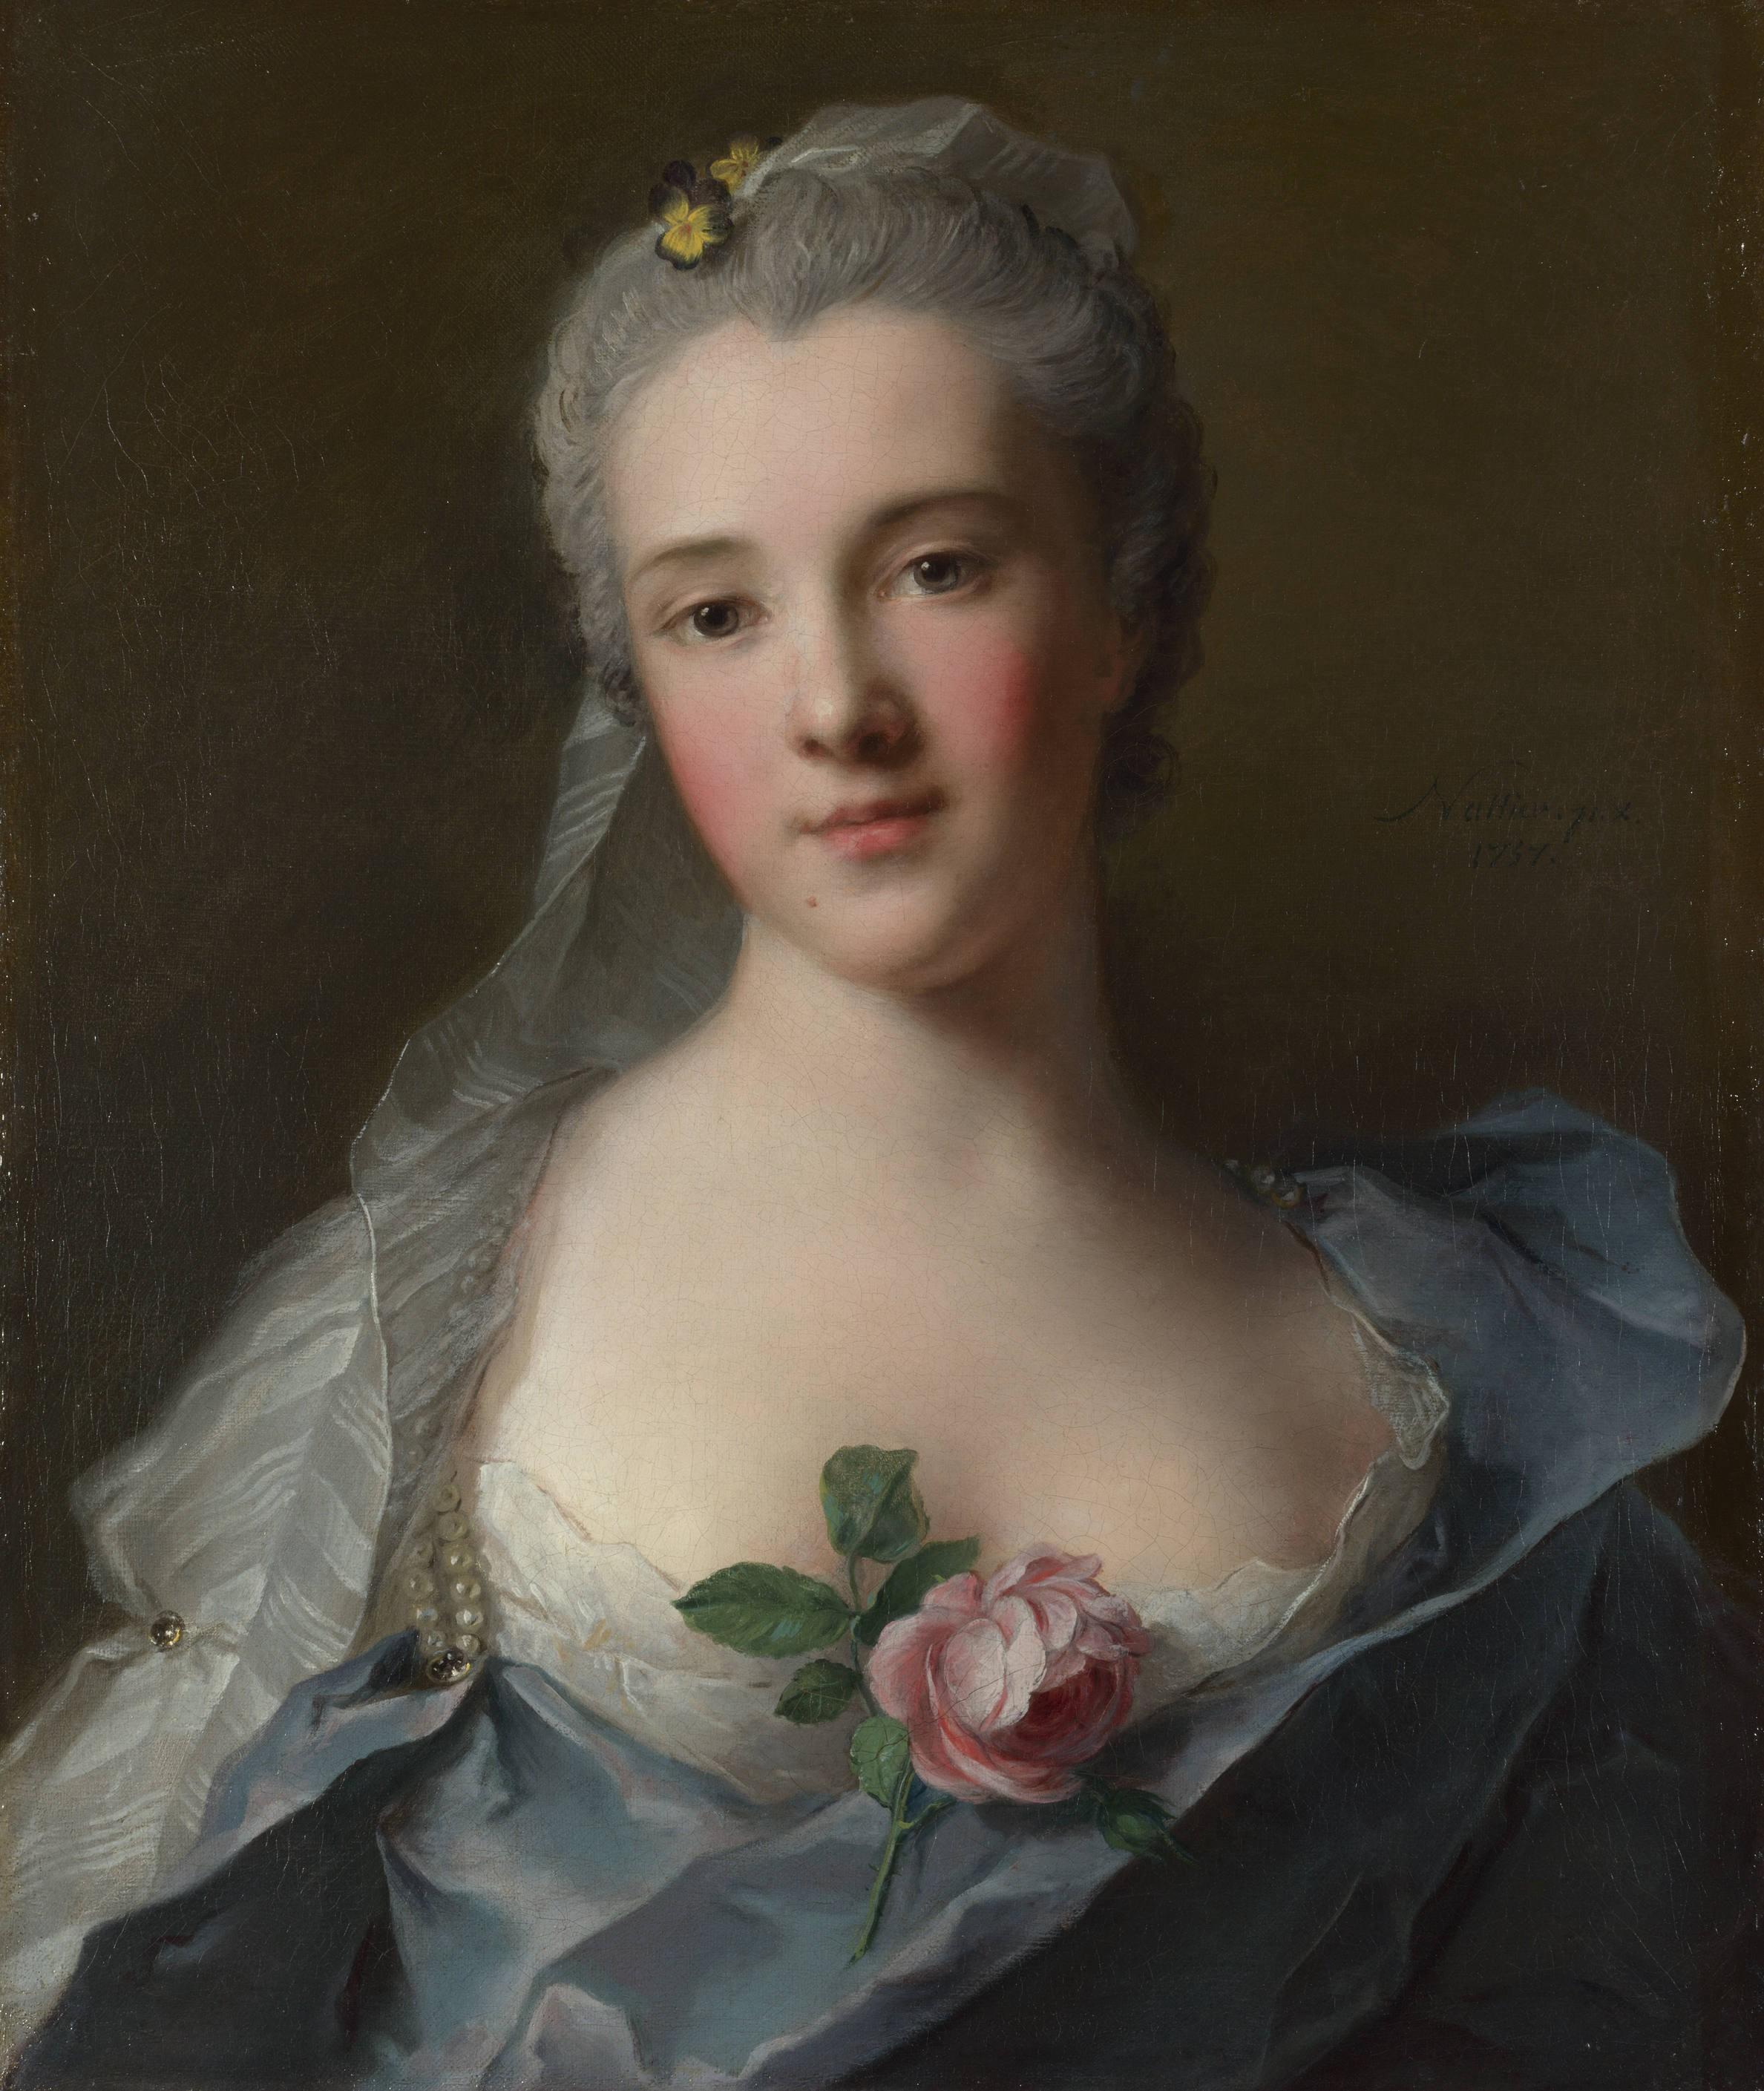 Nattier Manon Balletti